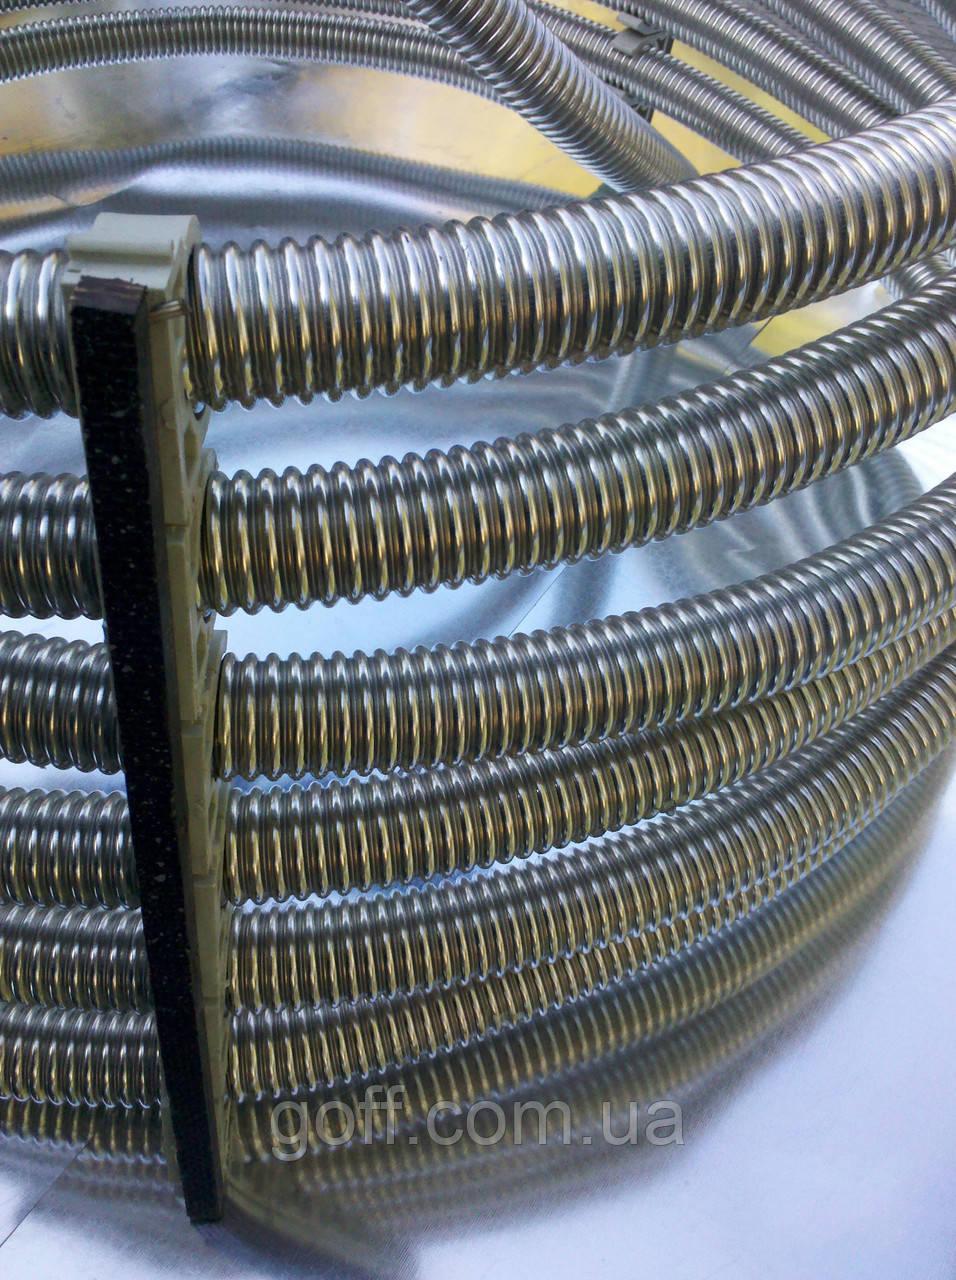 Гофрированная труба из нержавейки 20А, неотожженная, фото 1